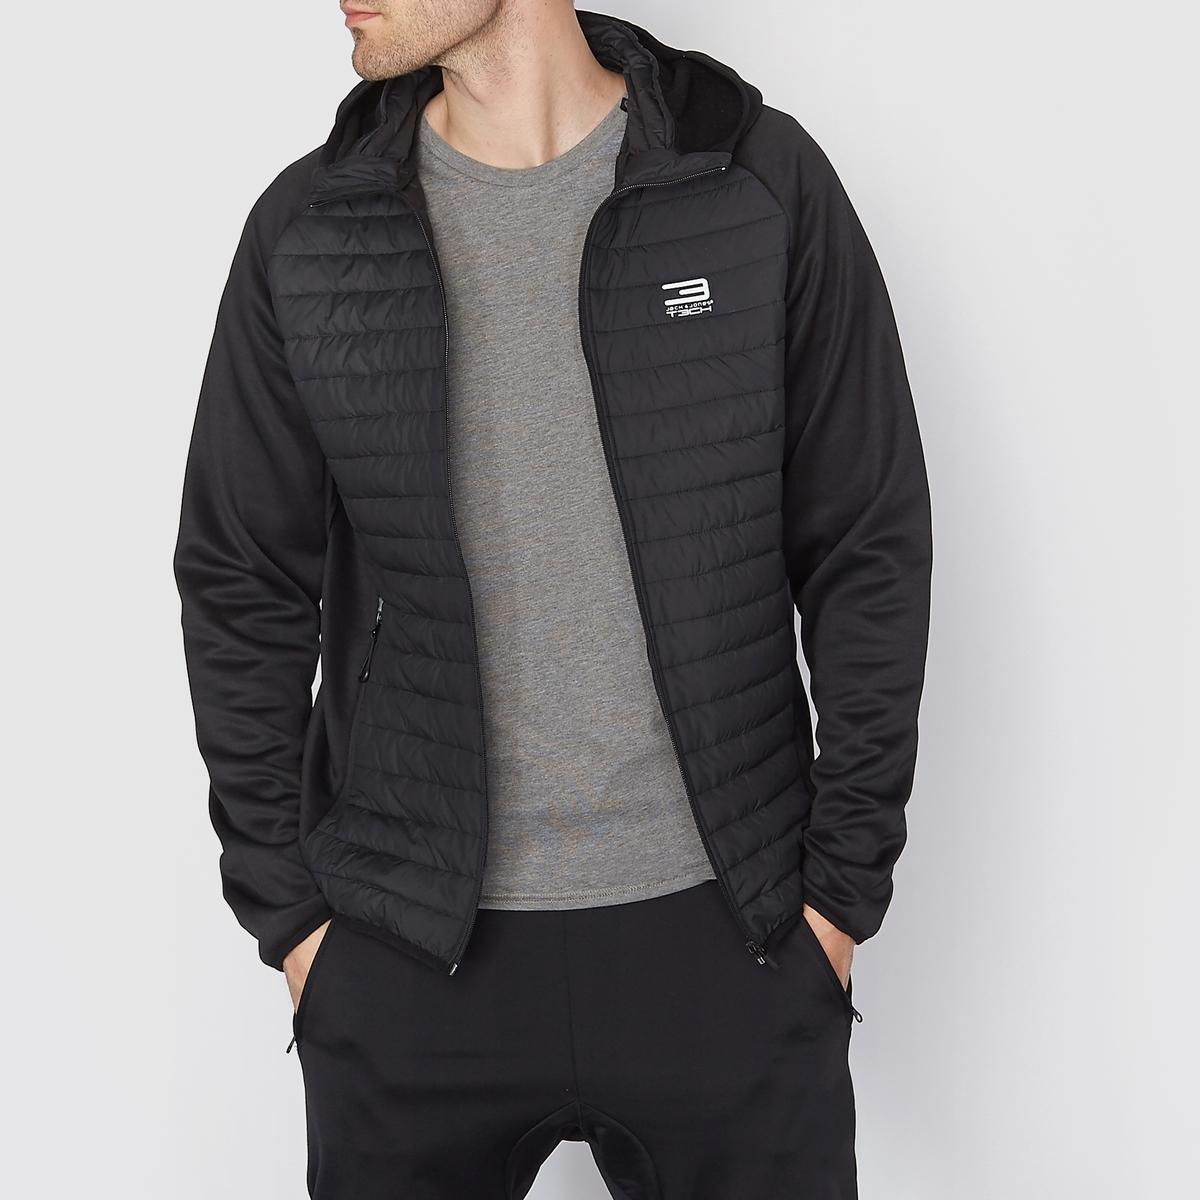 Куртка стеганая с капюшономТонкая стеганая куртка с капюшоном - JACK &amp; JONES. Прямой покрой, высокий воротник. Застежка на молнию . Рукава без стеганой подкладки. Детали из светоотражающей ткани. 2 кармана с застежкой на молнию. Состав и описаниеМатериал : Ткань с водоотталкивающей пропиткой 100% полиэстераМарка : JACK &amp; JONES<br><br>Цвет: черный